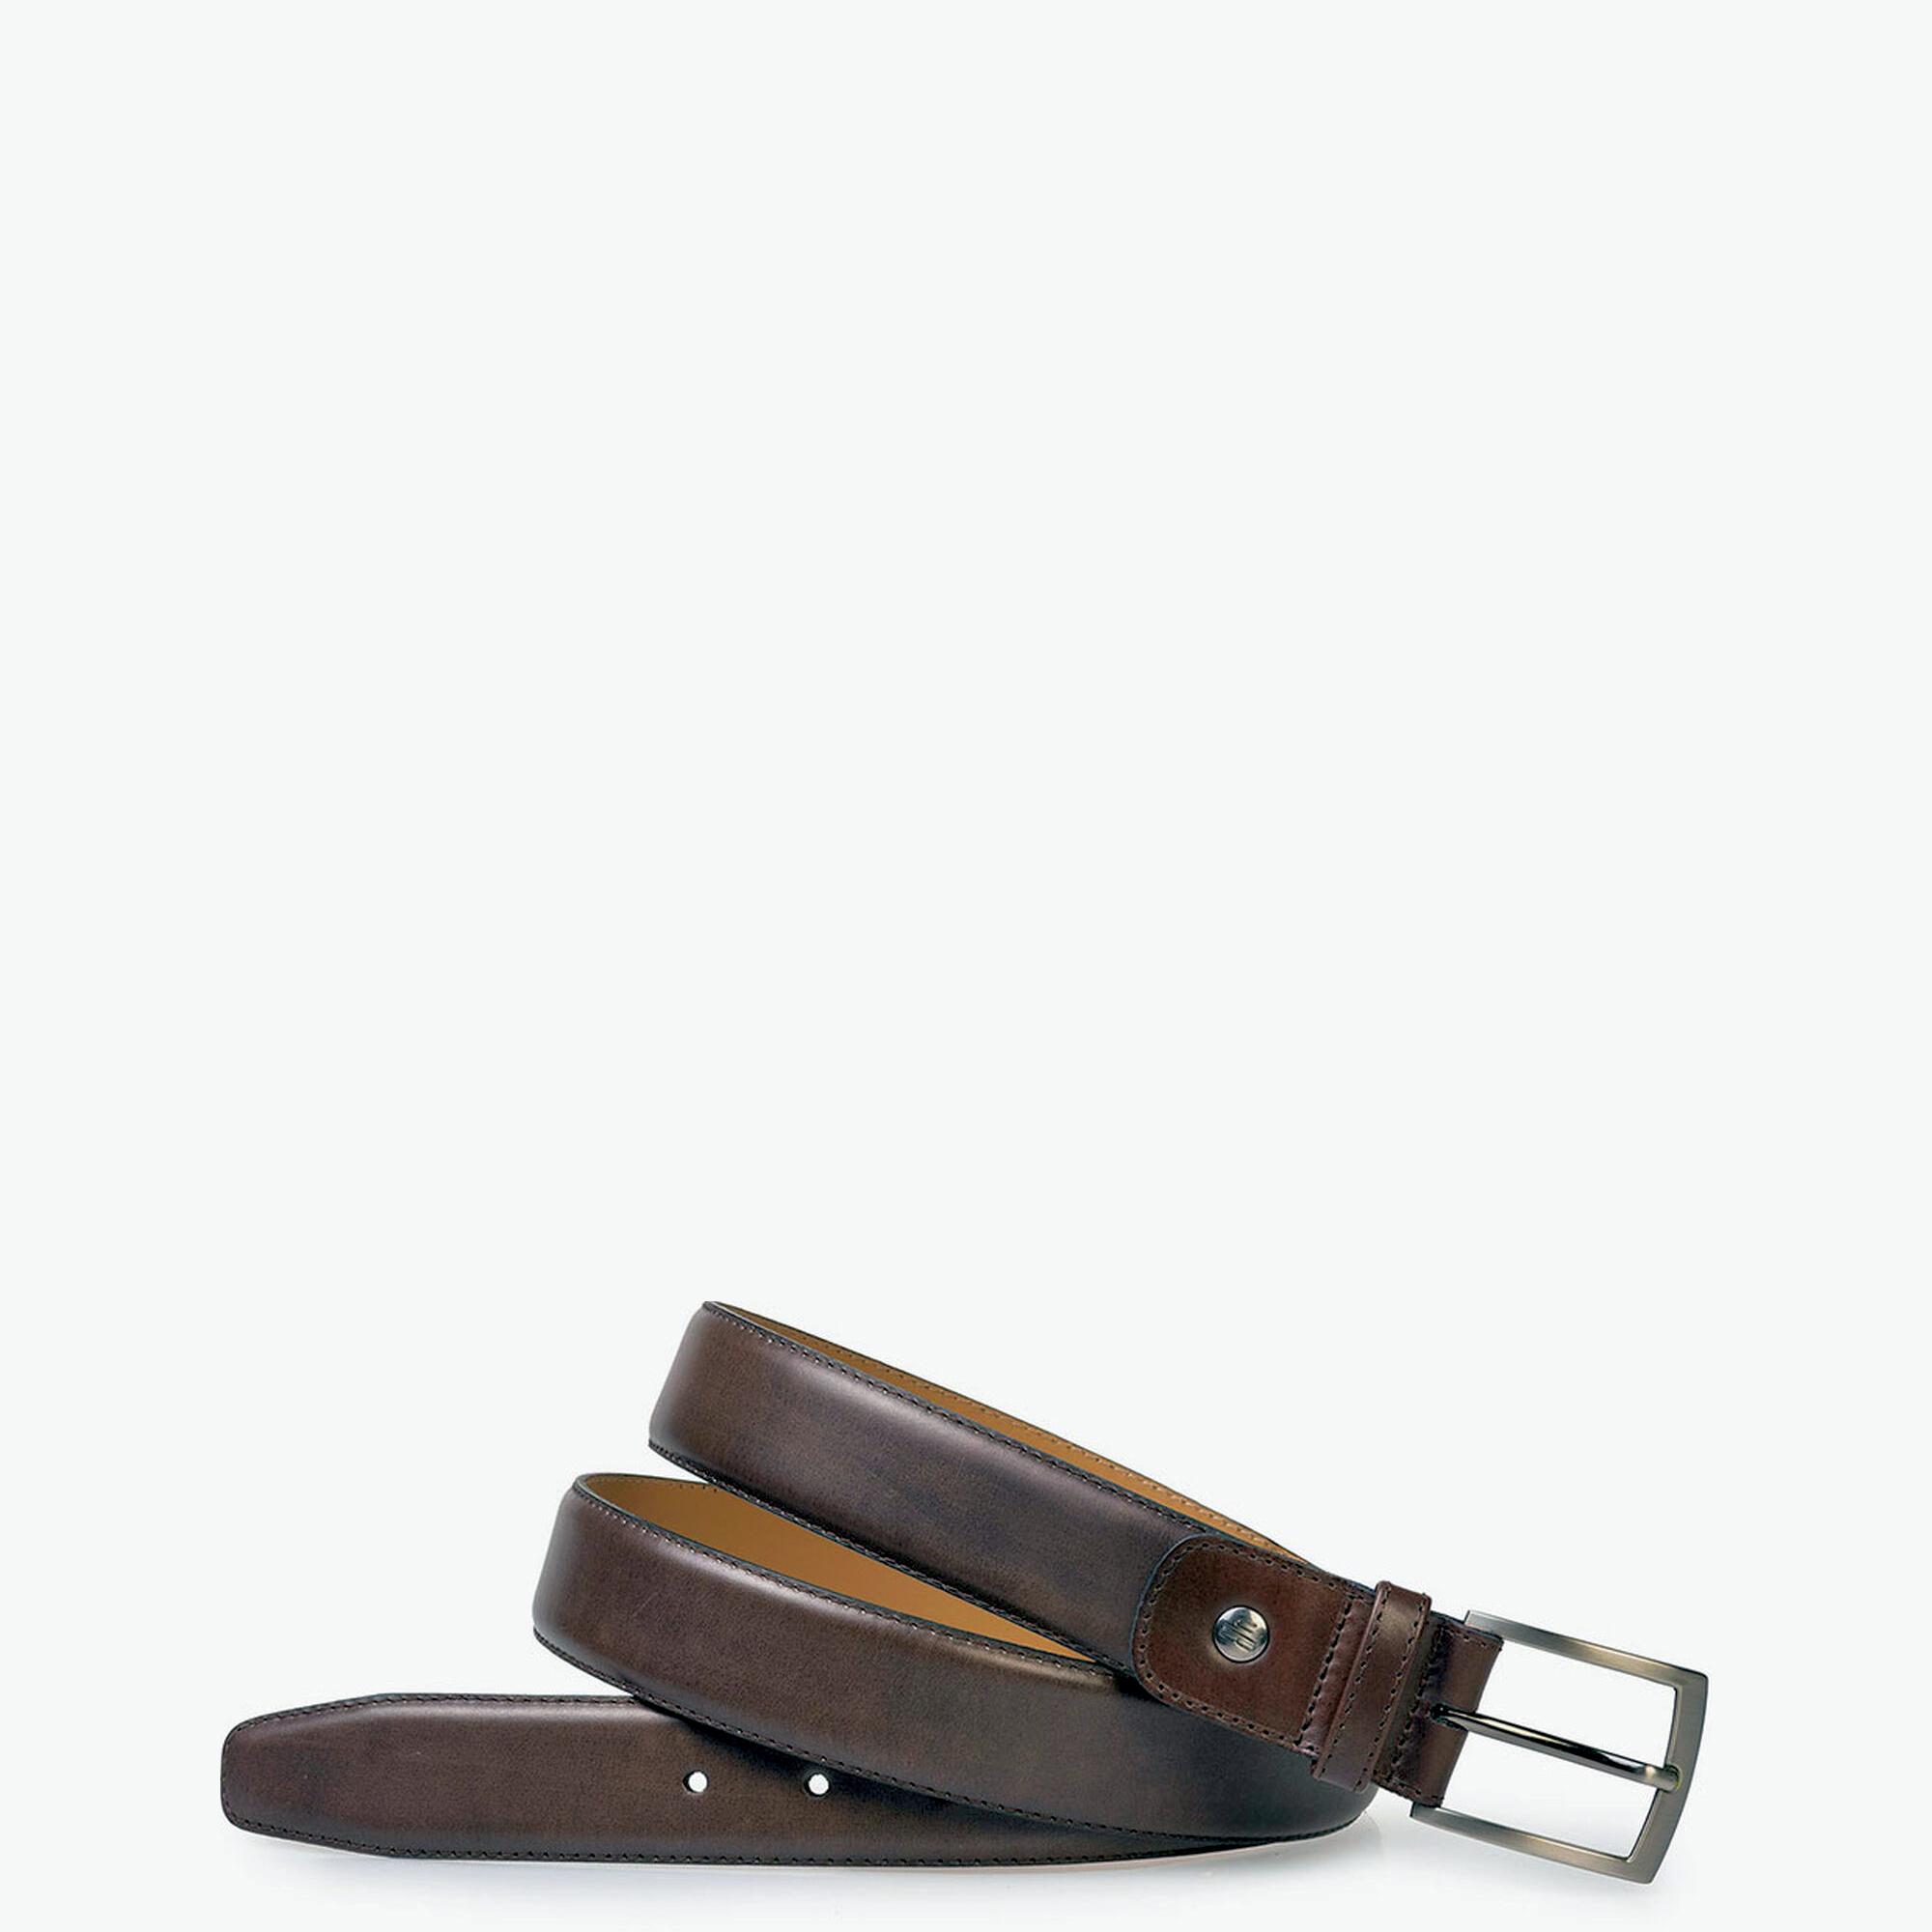 van Bommel Classic 75533 37 Brown Calf